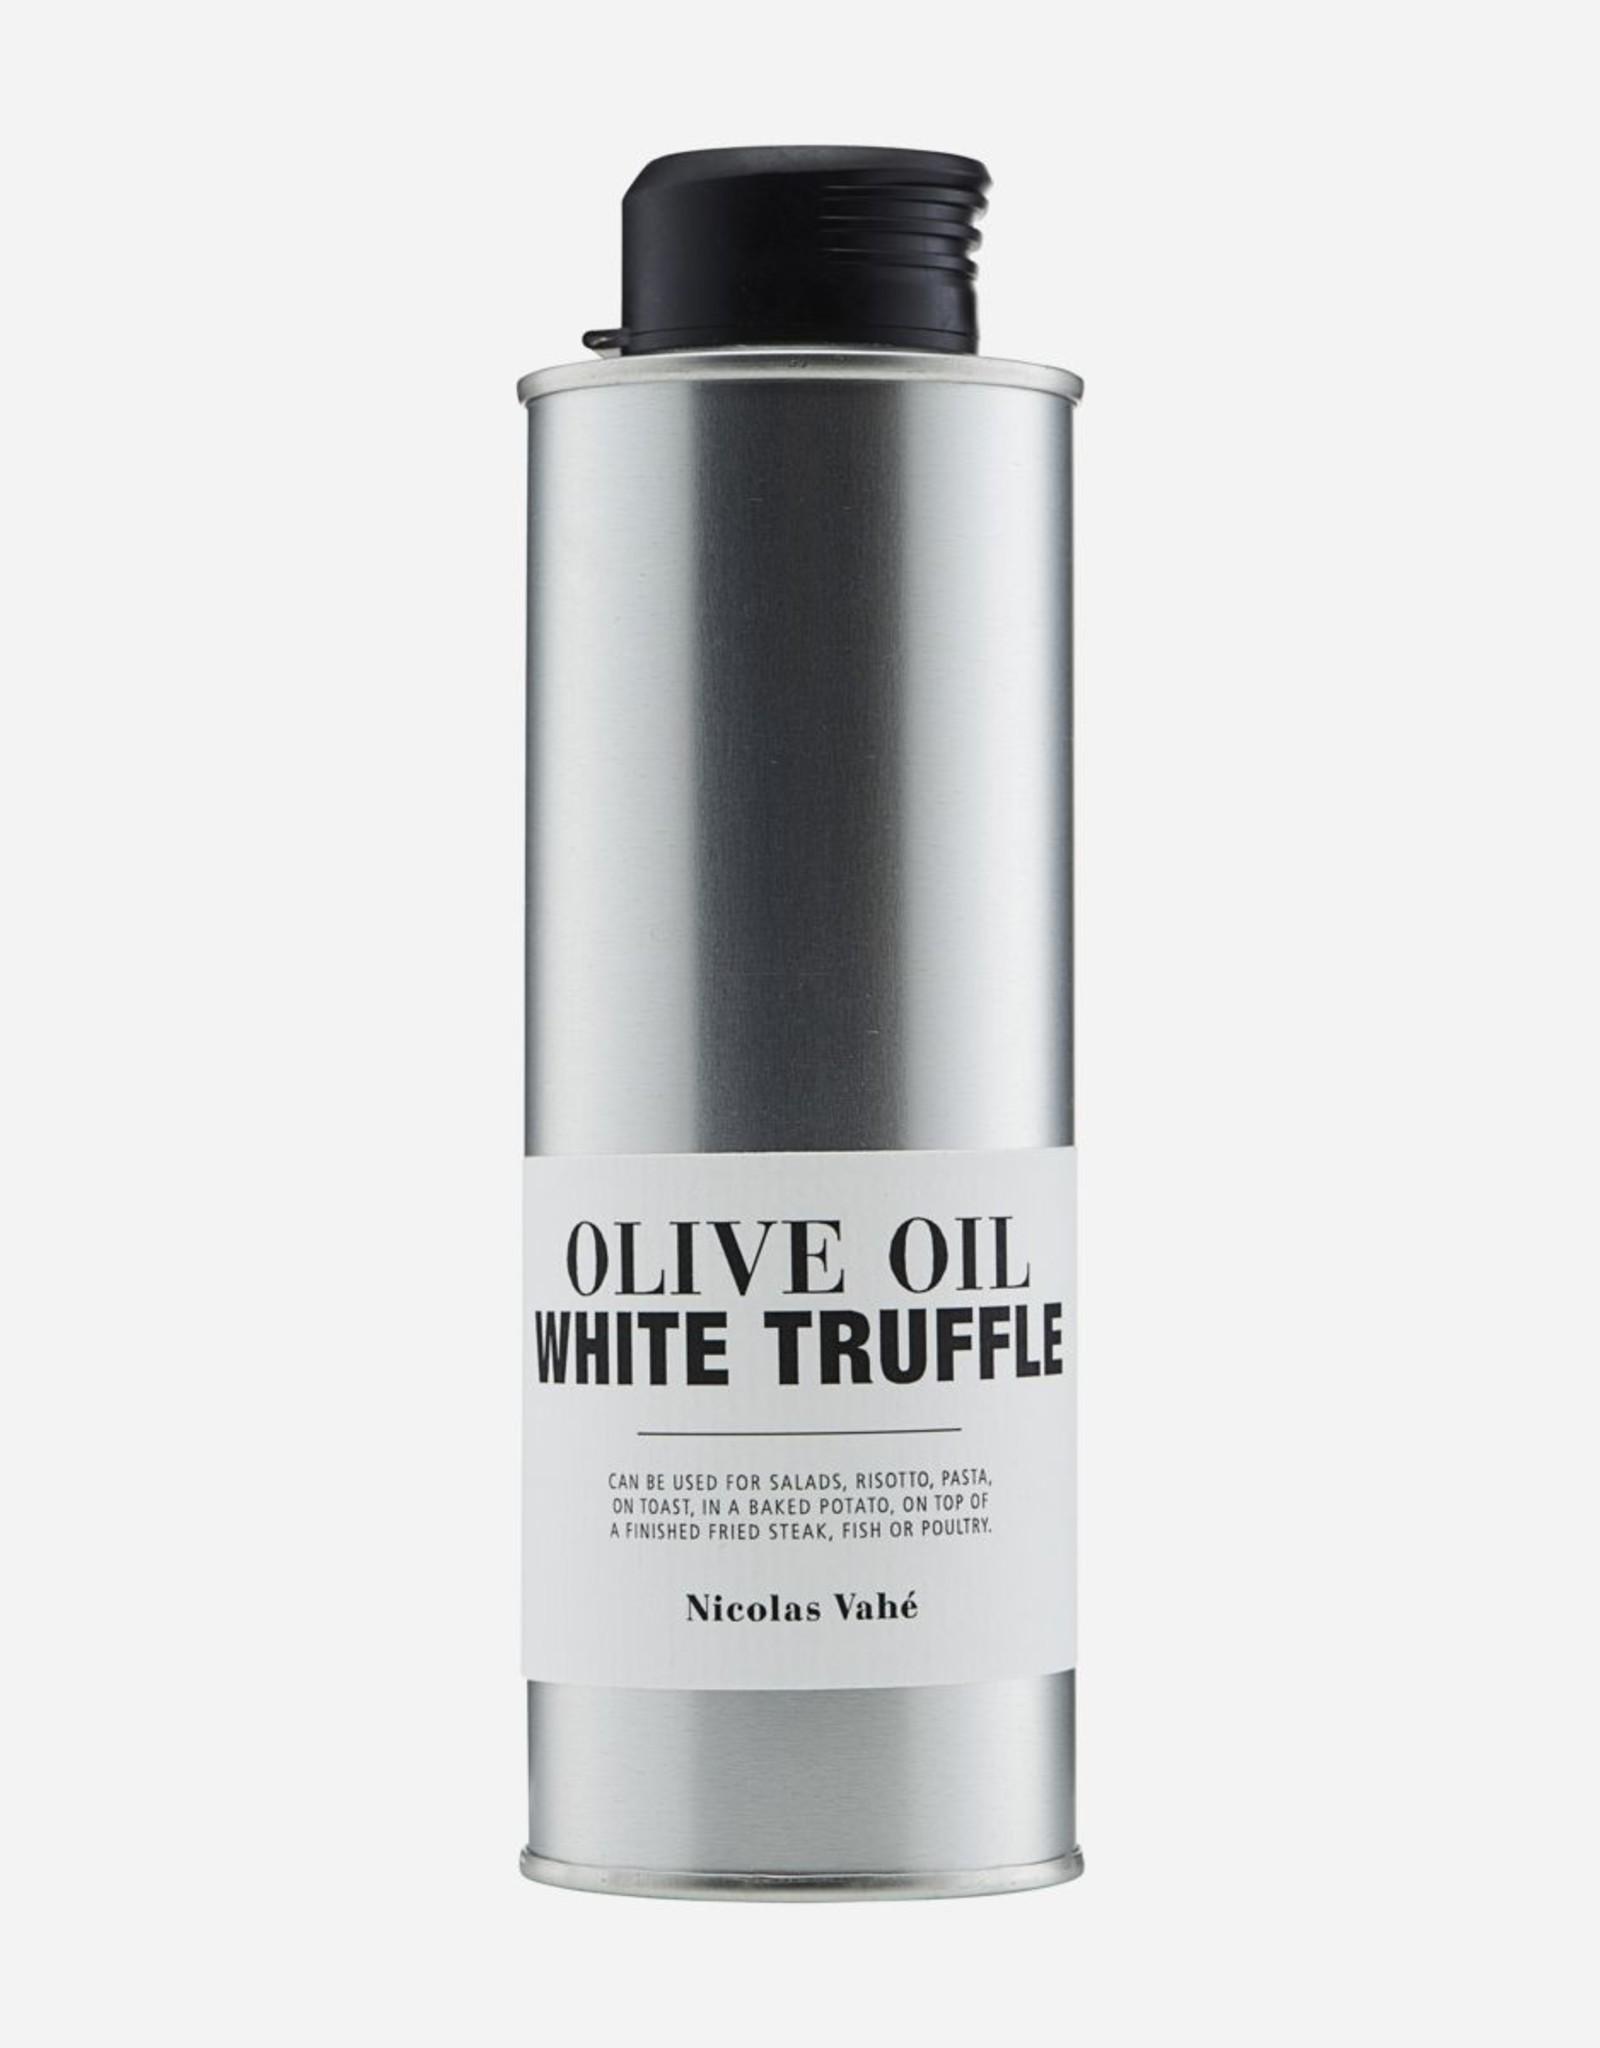 Nicolas Vahé Nicolas Vahe White Truffle Oil